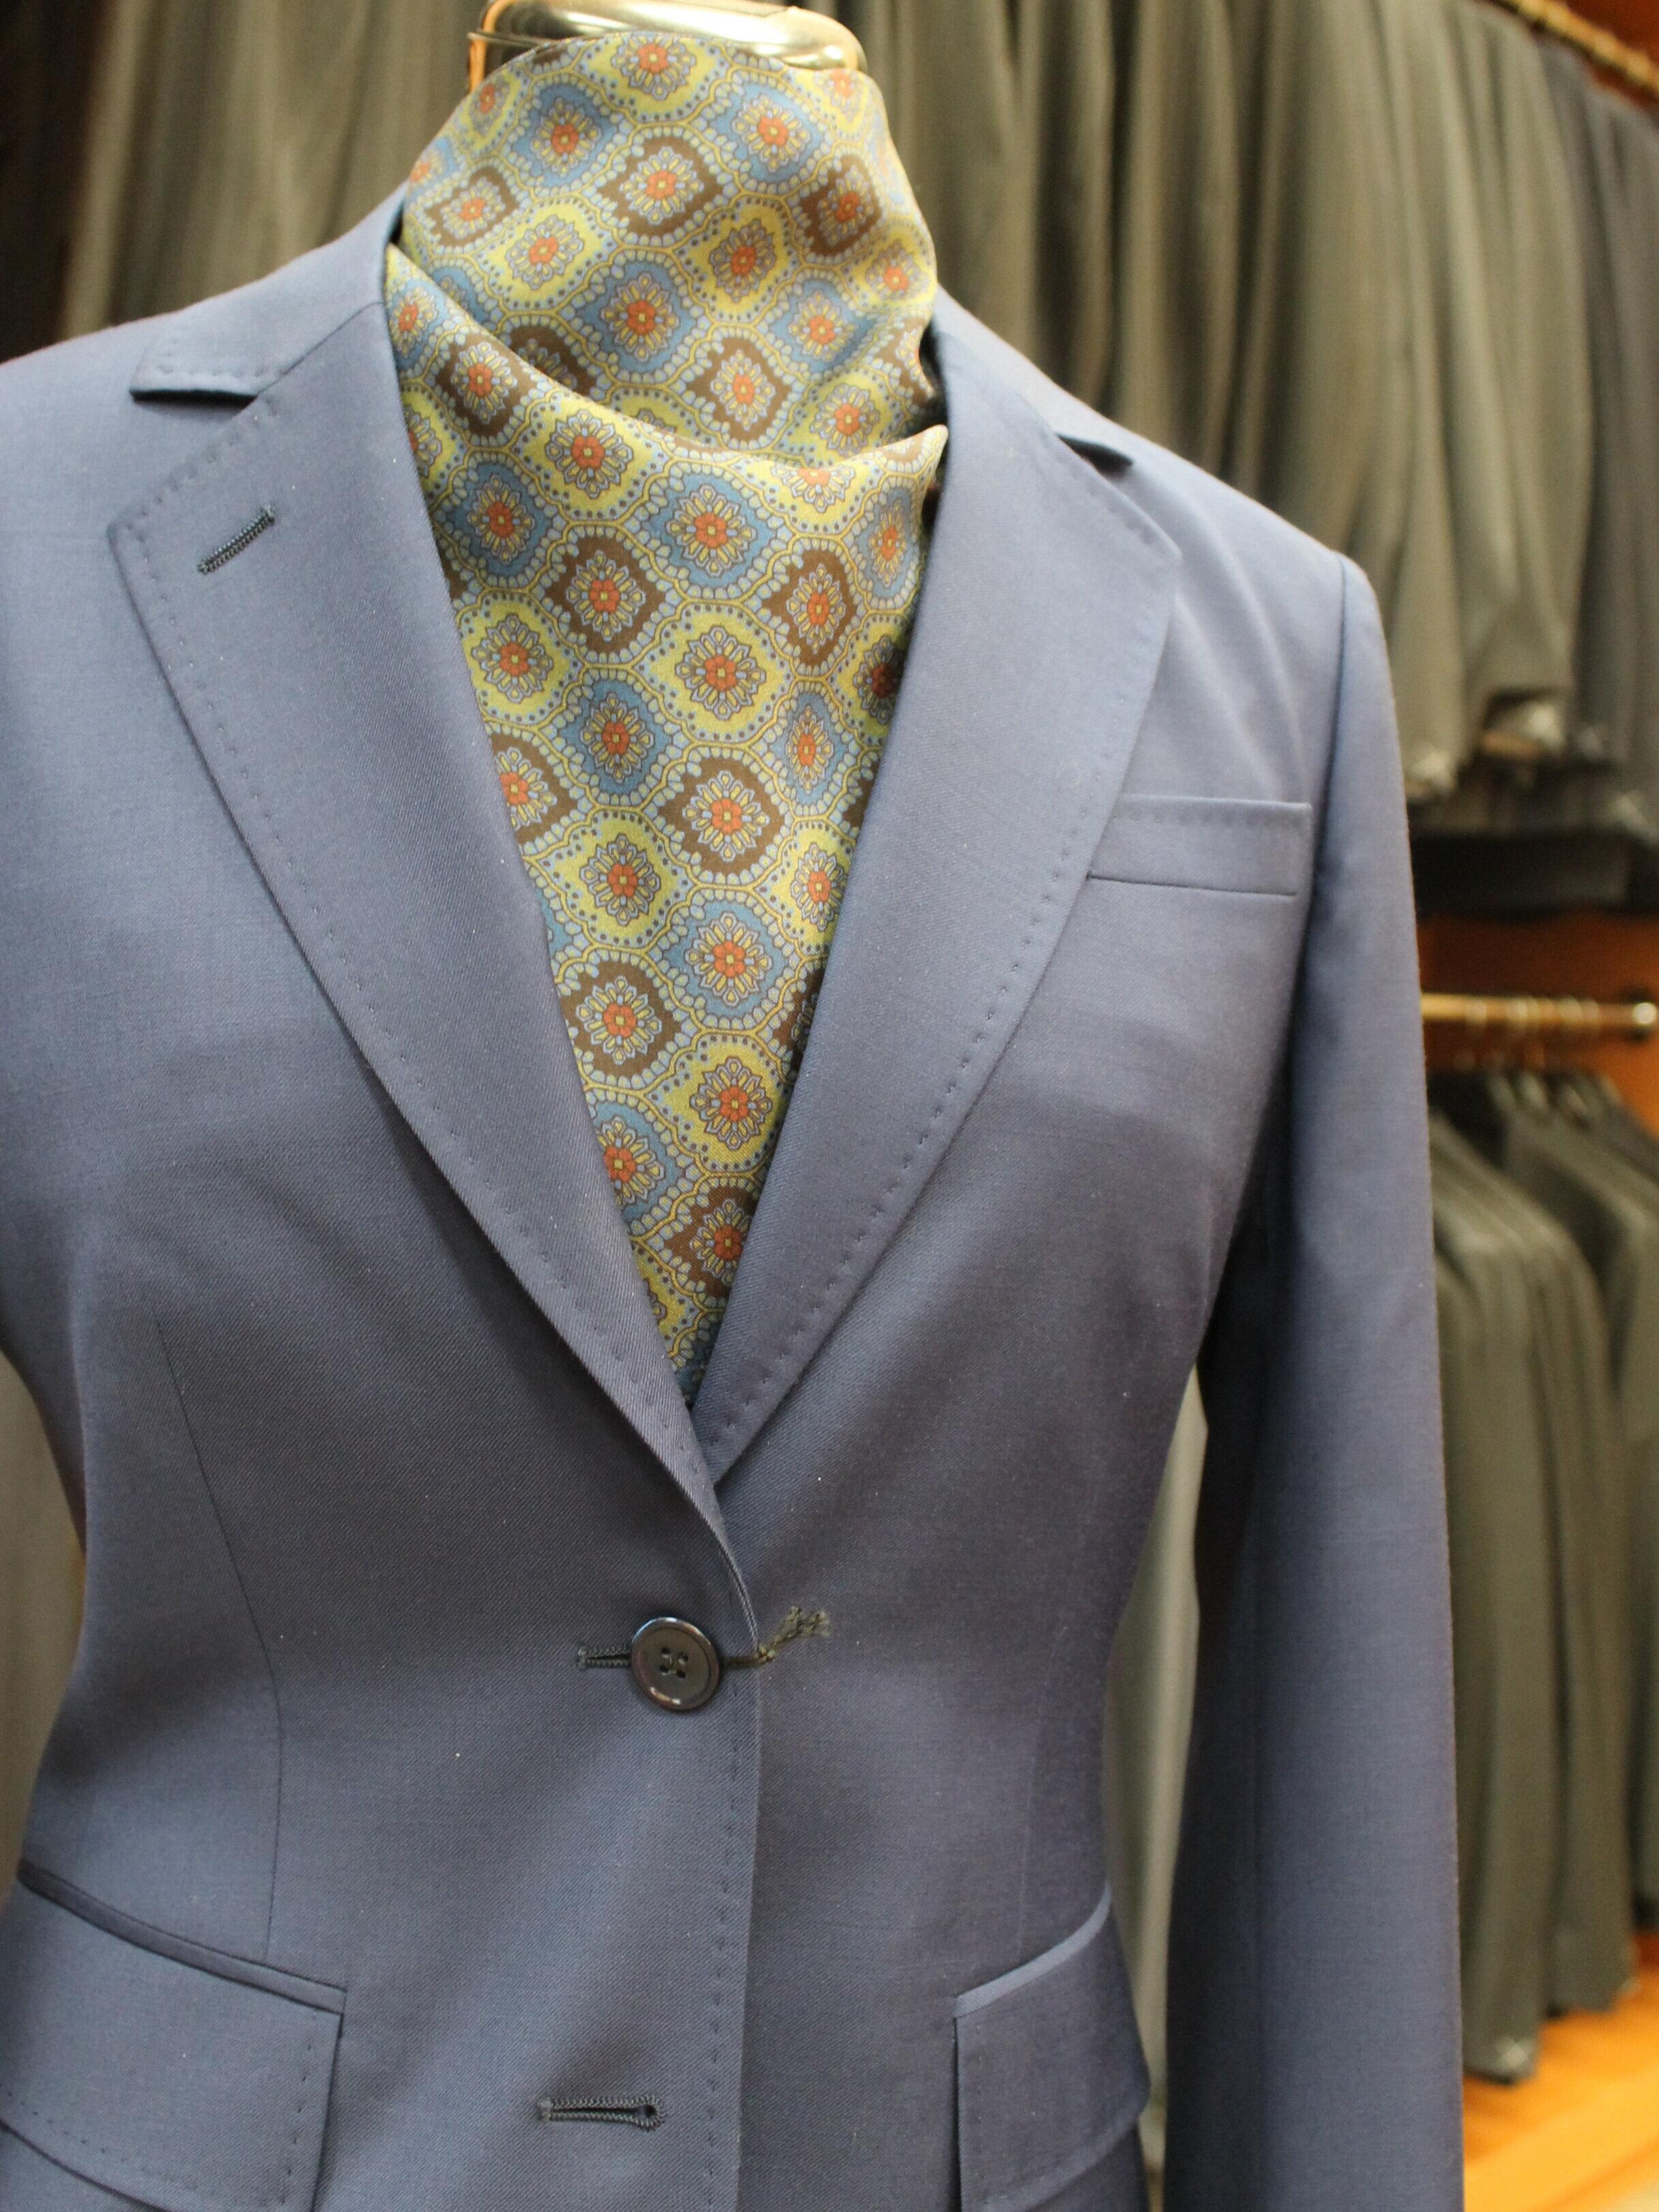 Women's Blazer & Silk Scarf